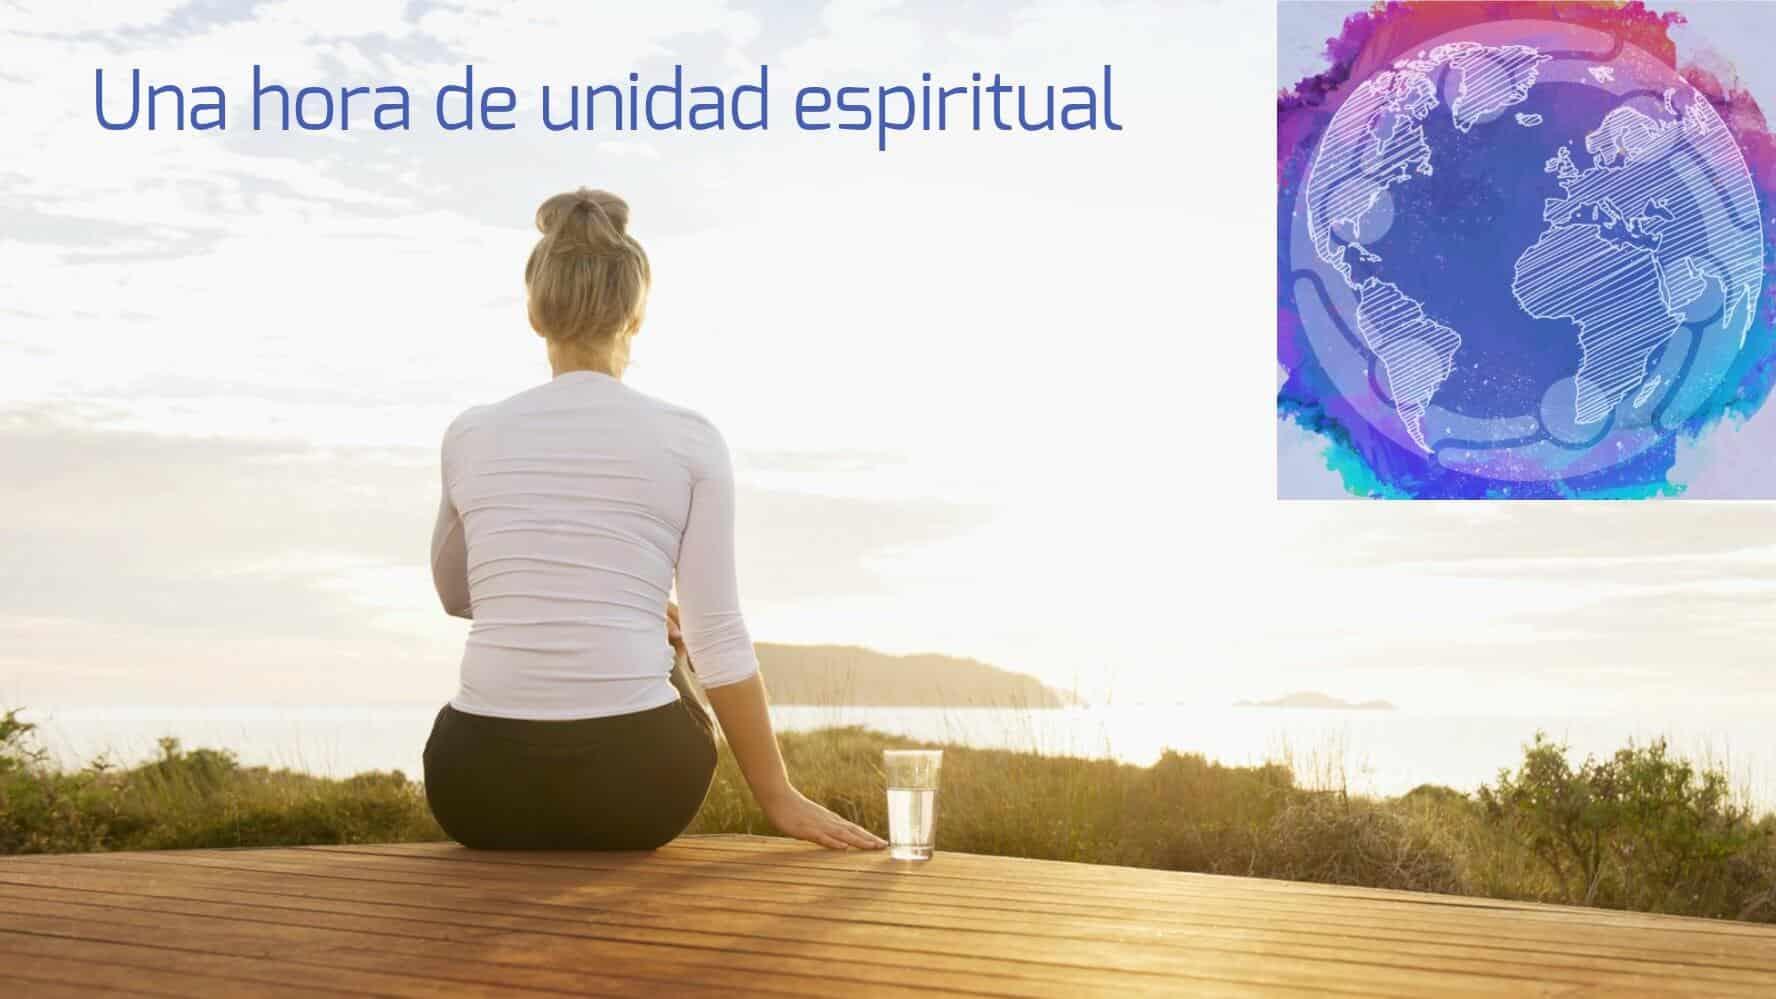 Una hora de unidad espiritual #HourOfSpiritualUnity